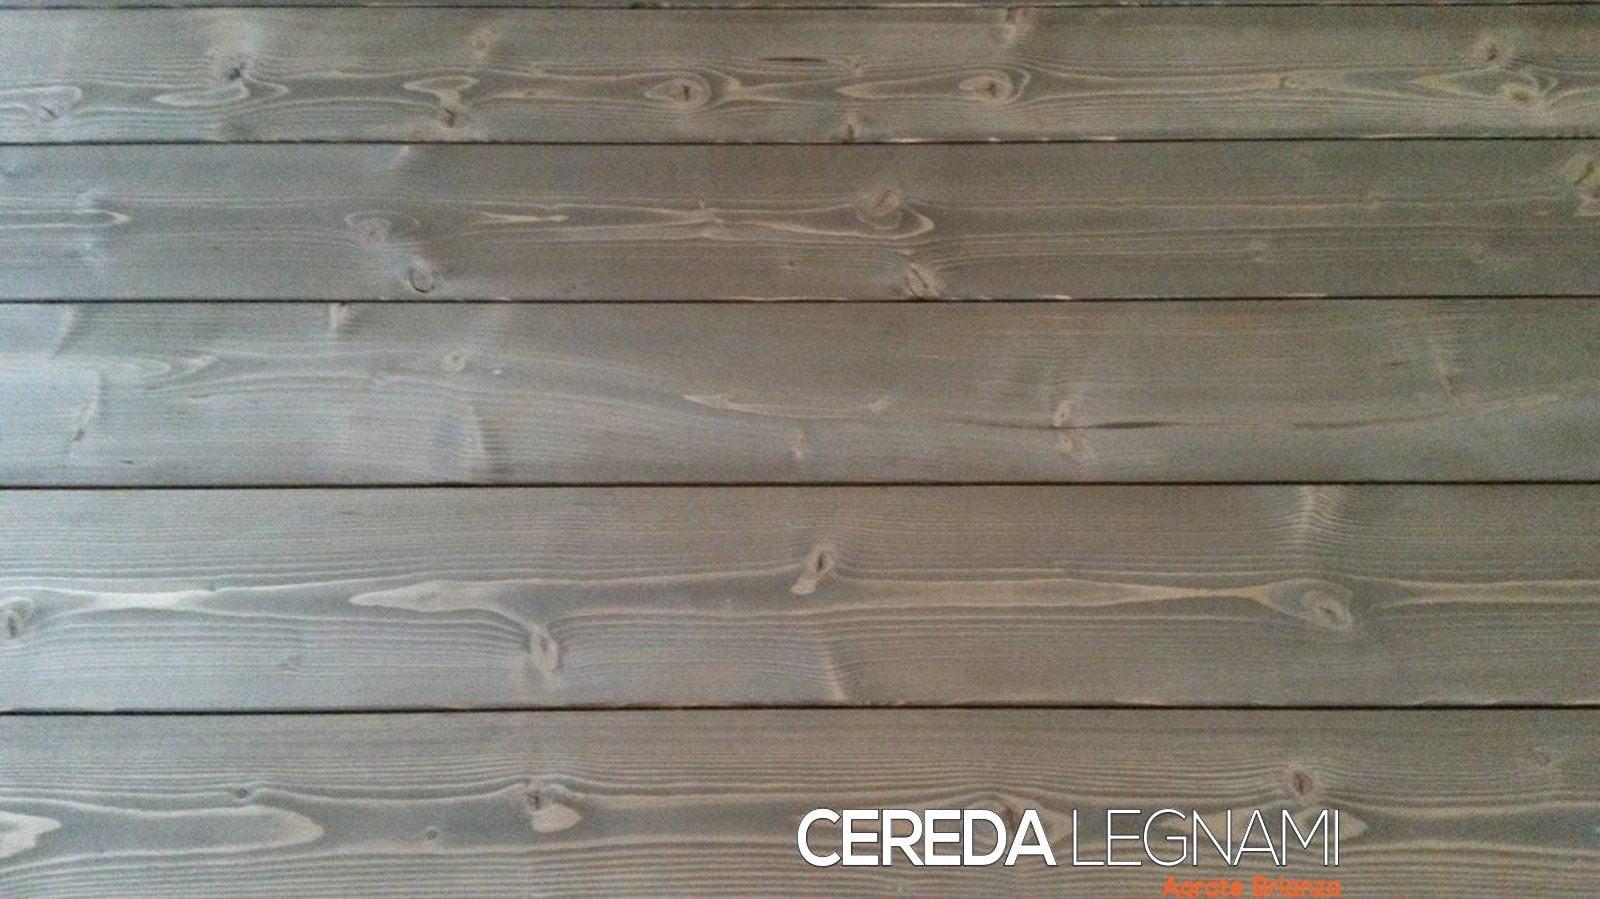 Vendita di perline di legno spazzolato scuro cereda - Vendita tavole di legno ...